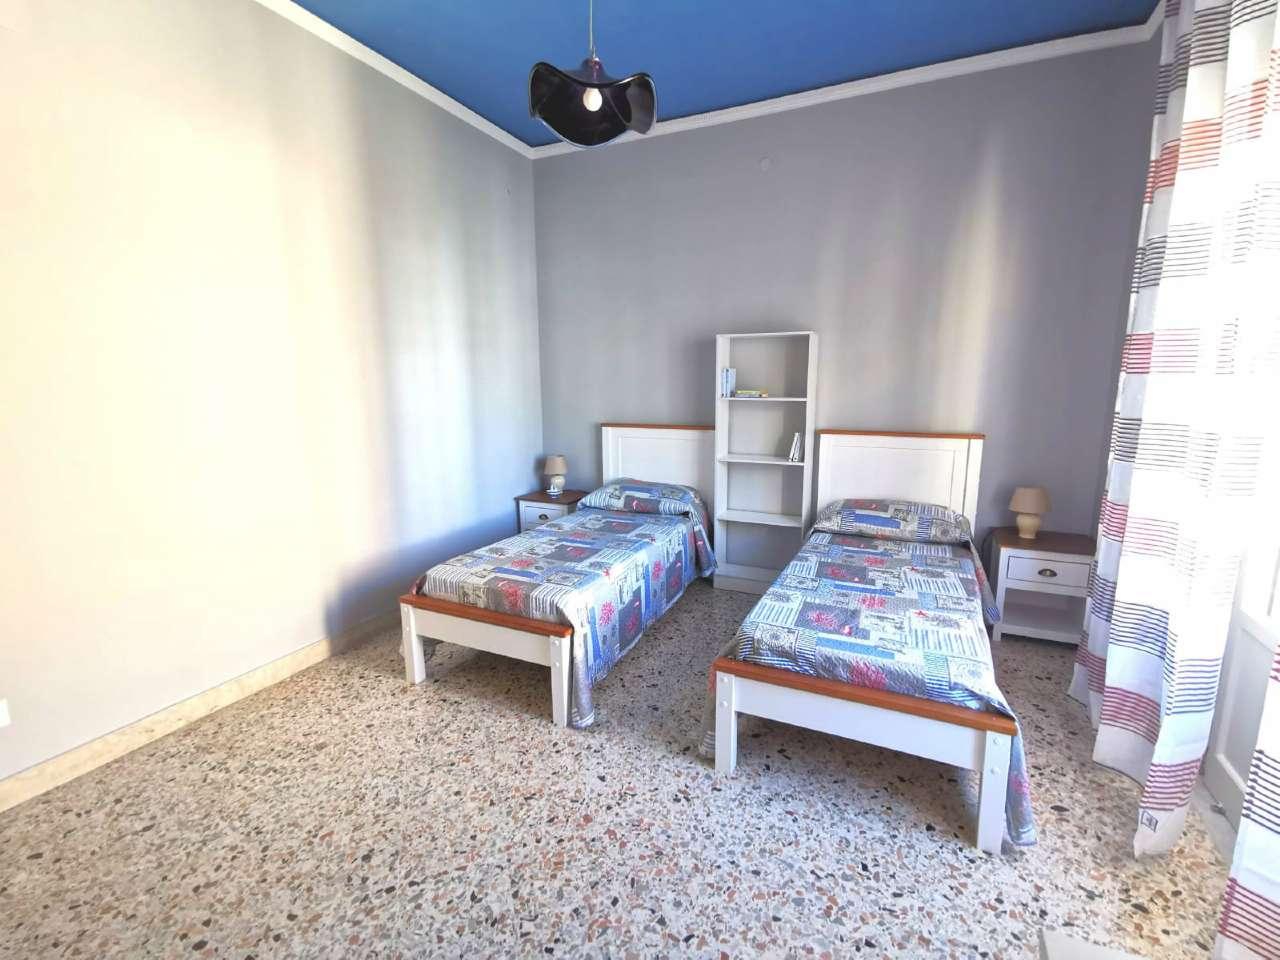 Monolocale in Affitto a Palermo:  1 locali, 16 mq  - Foto 1